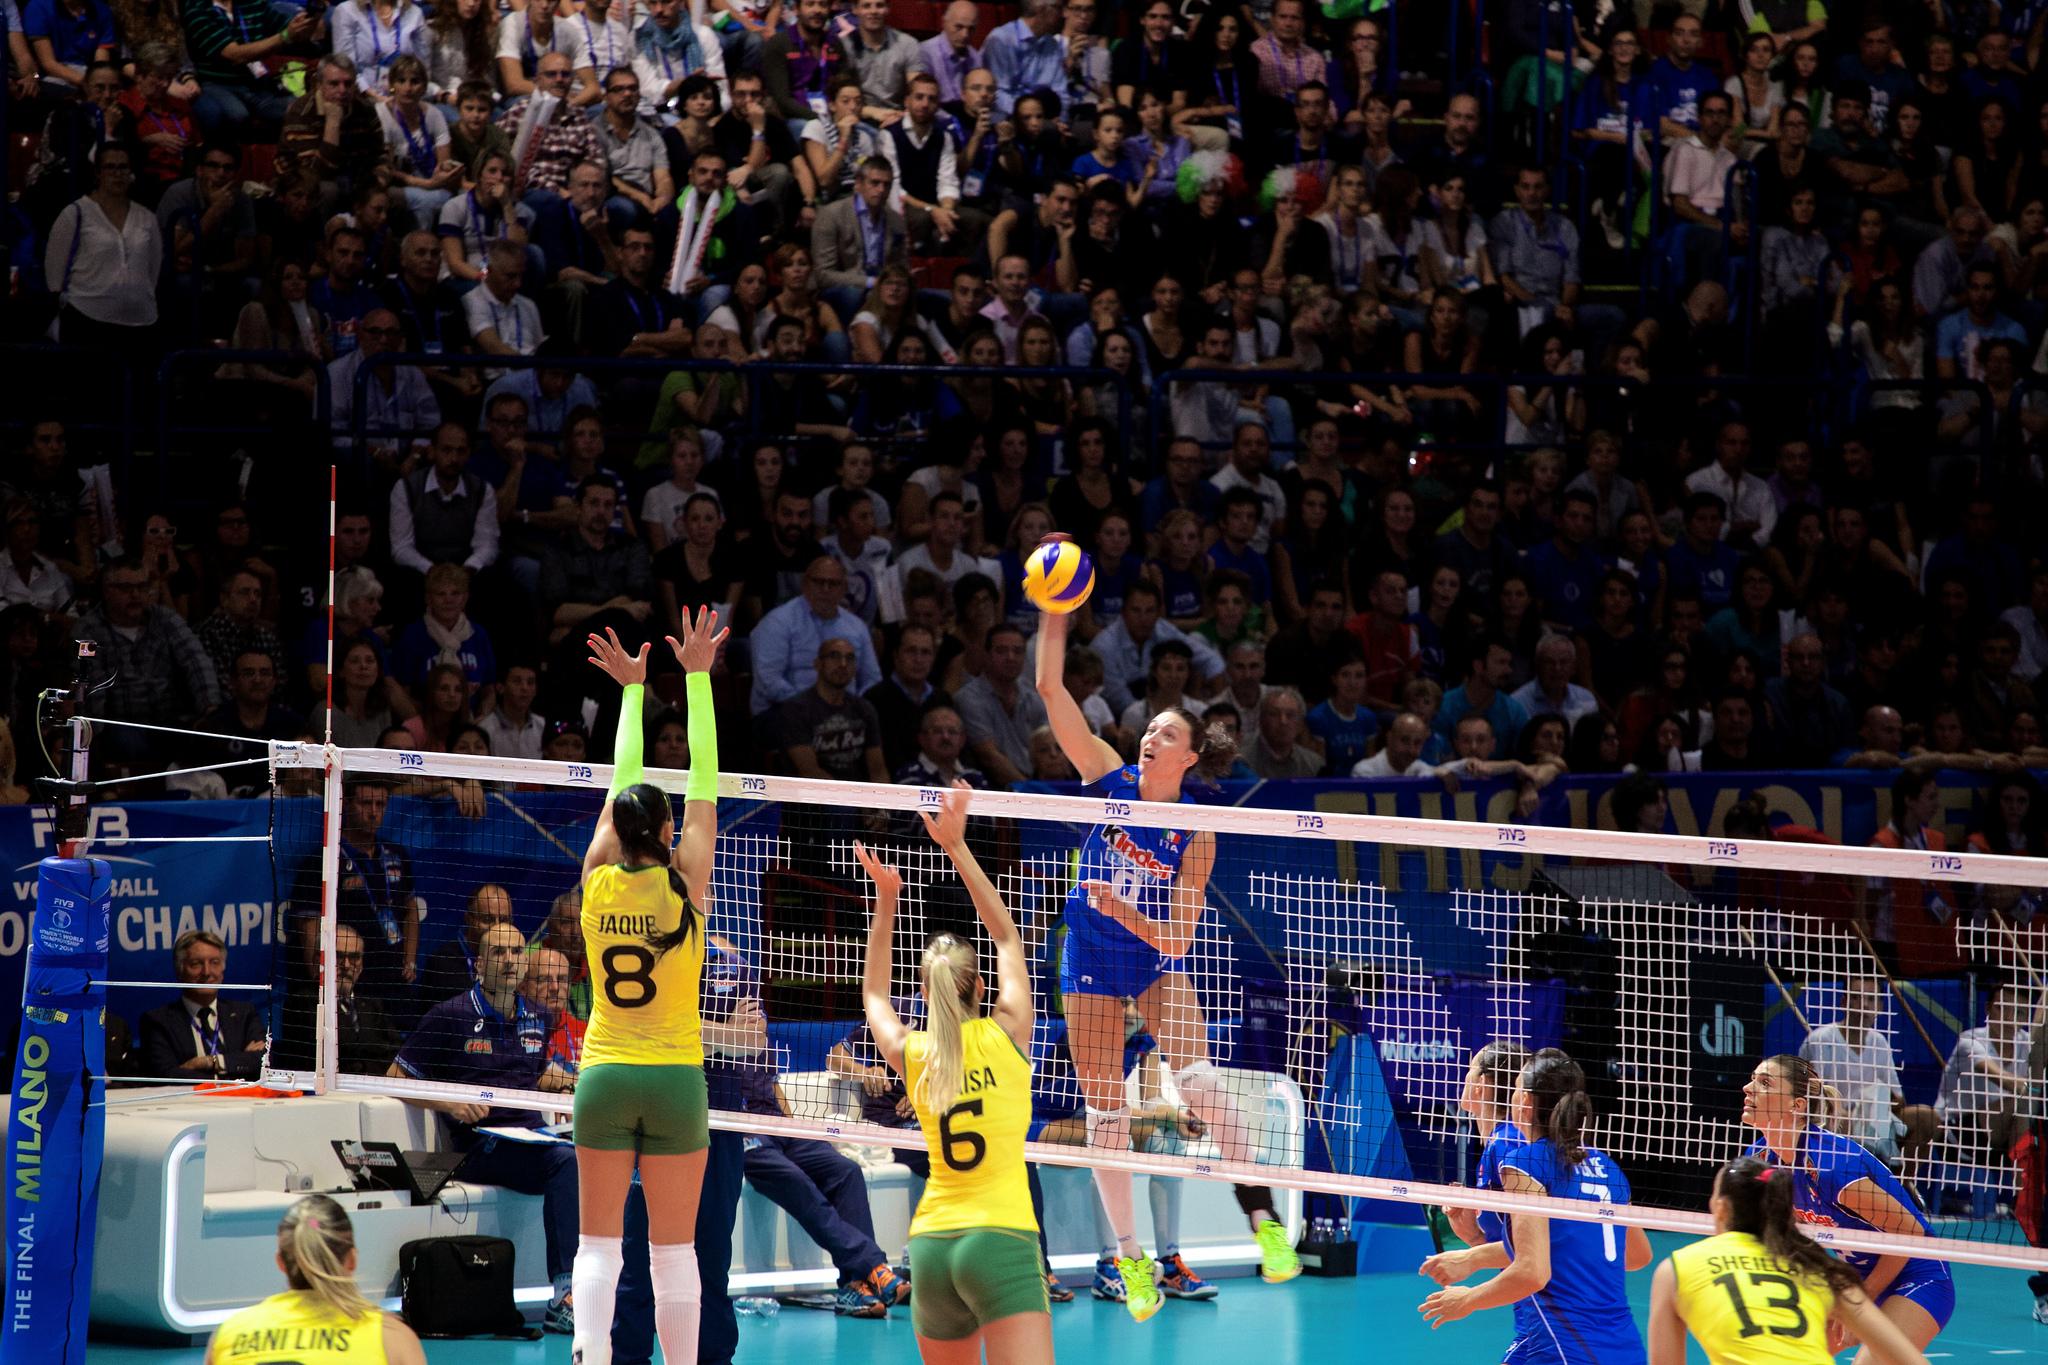 FIVBワールドカップバレーボール2019 女子結果速報・日程チケット